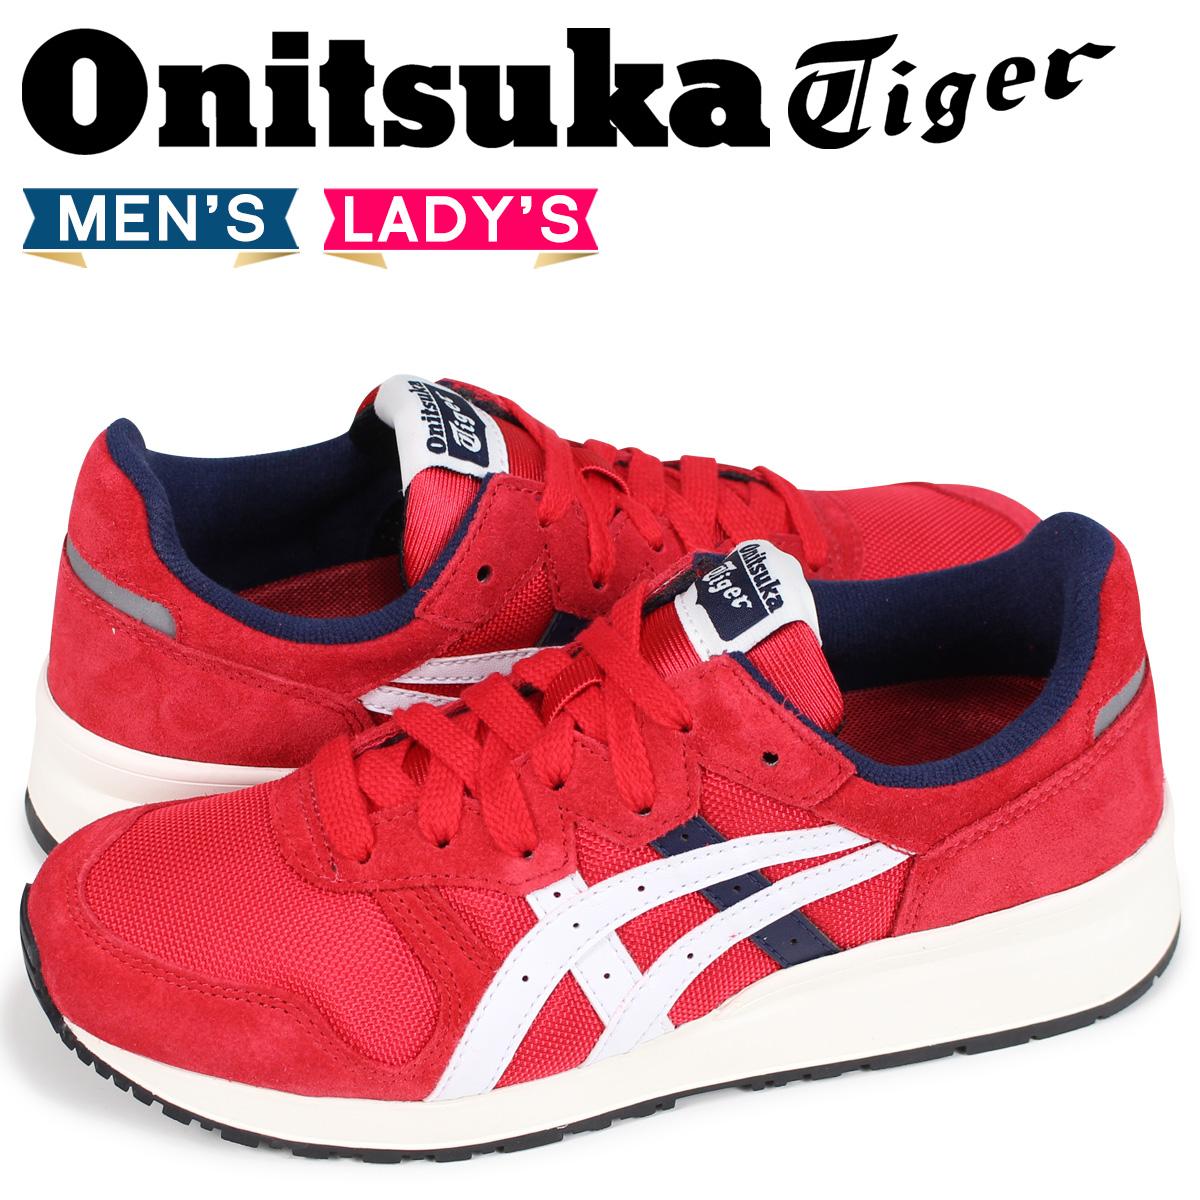 オニツカタイガー タイガー アリー Onitsuka Tiger TIGER ALLY メンズ レディース スニーカー 1183A029-600 レッド